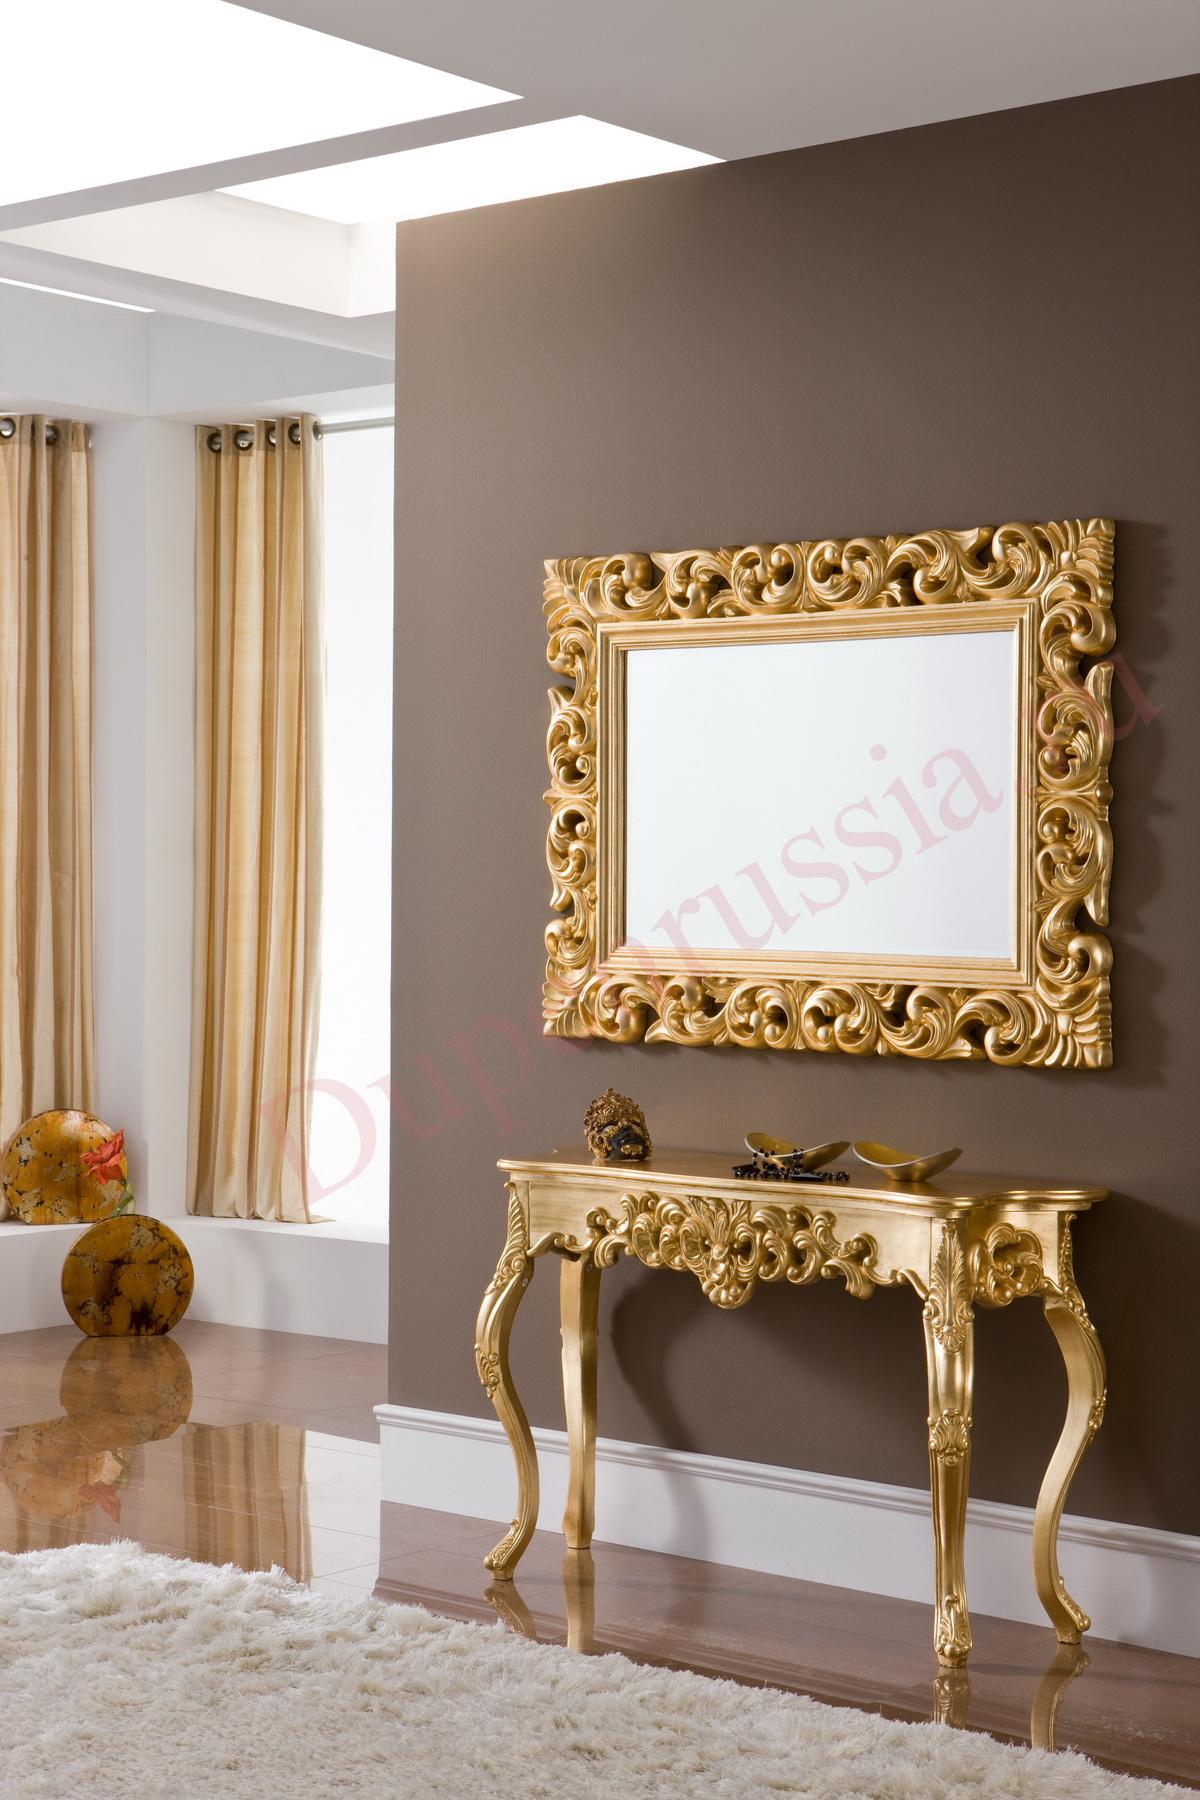 Зеркало DUPEN PU049 золото (90*120), Консоль DUPEN К58 золото